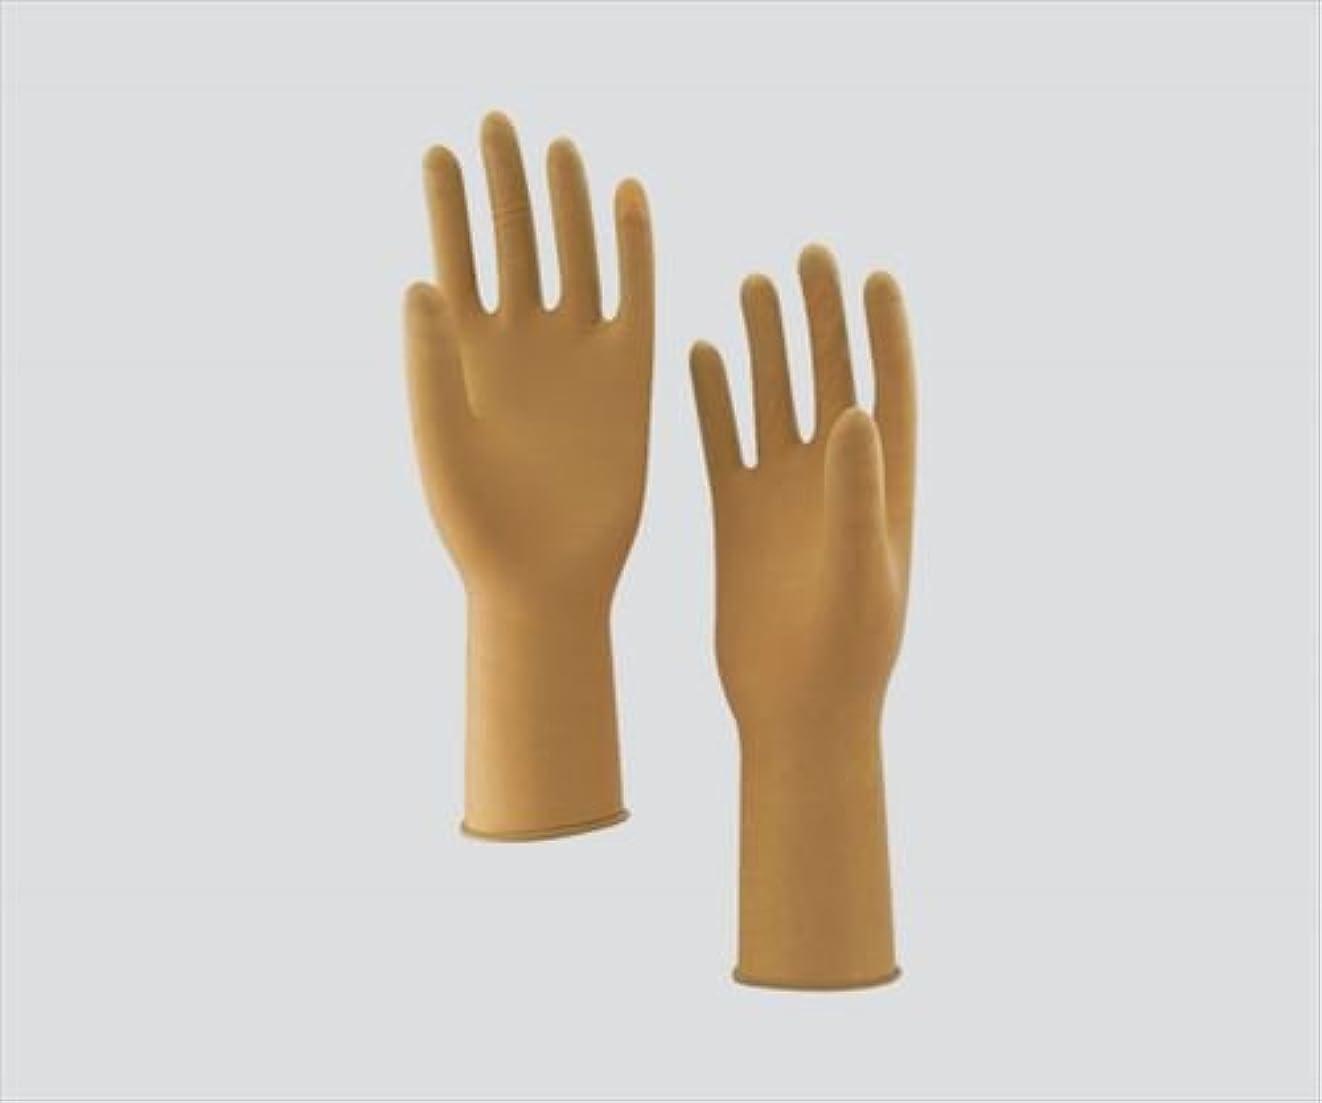 プライムおばあさんミントプログレス手術用手袋 5.5 <1箱(20双入)>